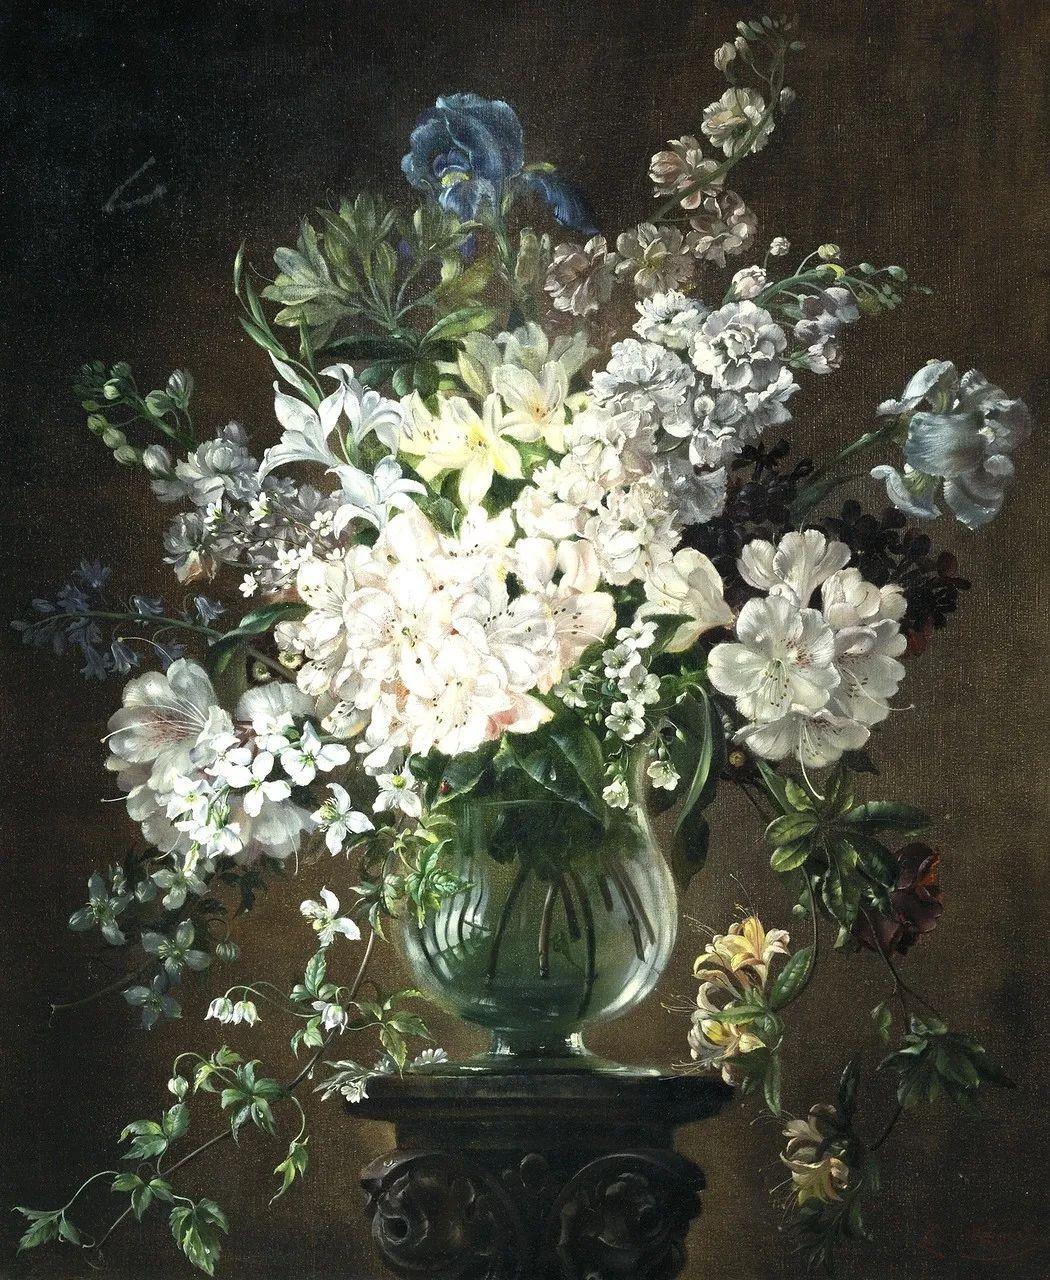 英国最伟大的花卉画家之一,艺术家塞西尔·肯尼迪插图73